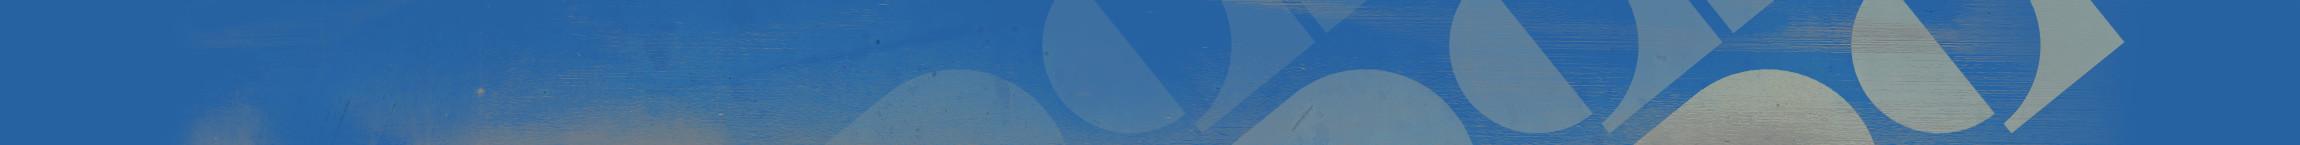 Lake of Shadows - Destiny 2 Legendary Emblem - light gg